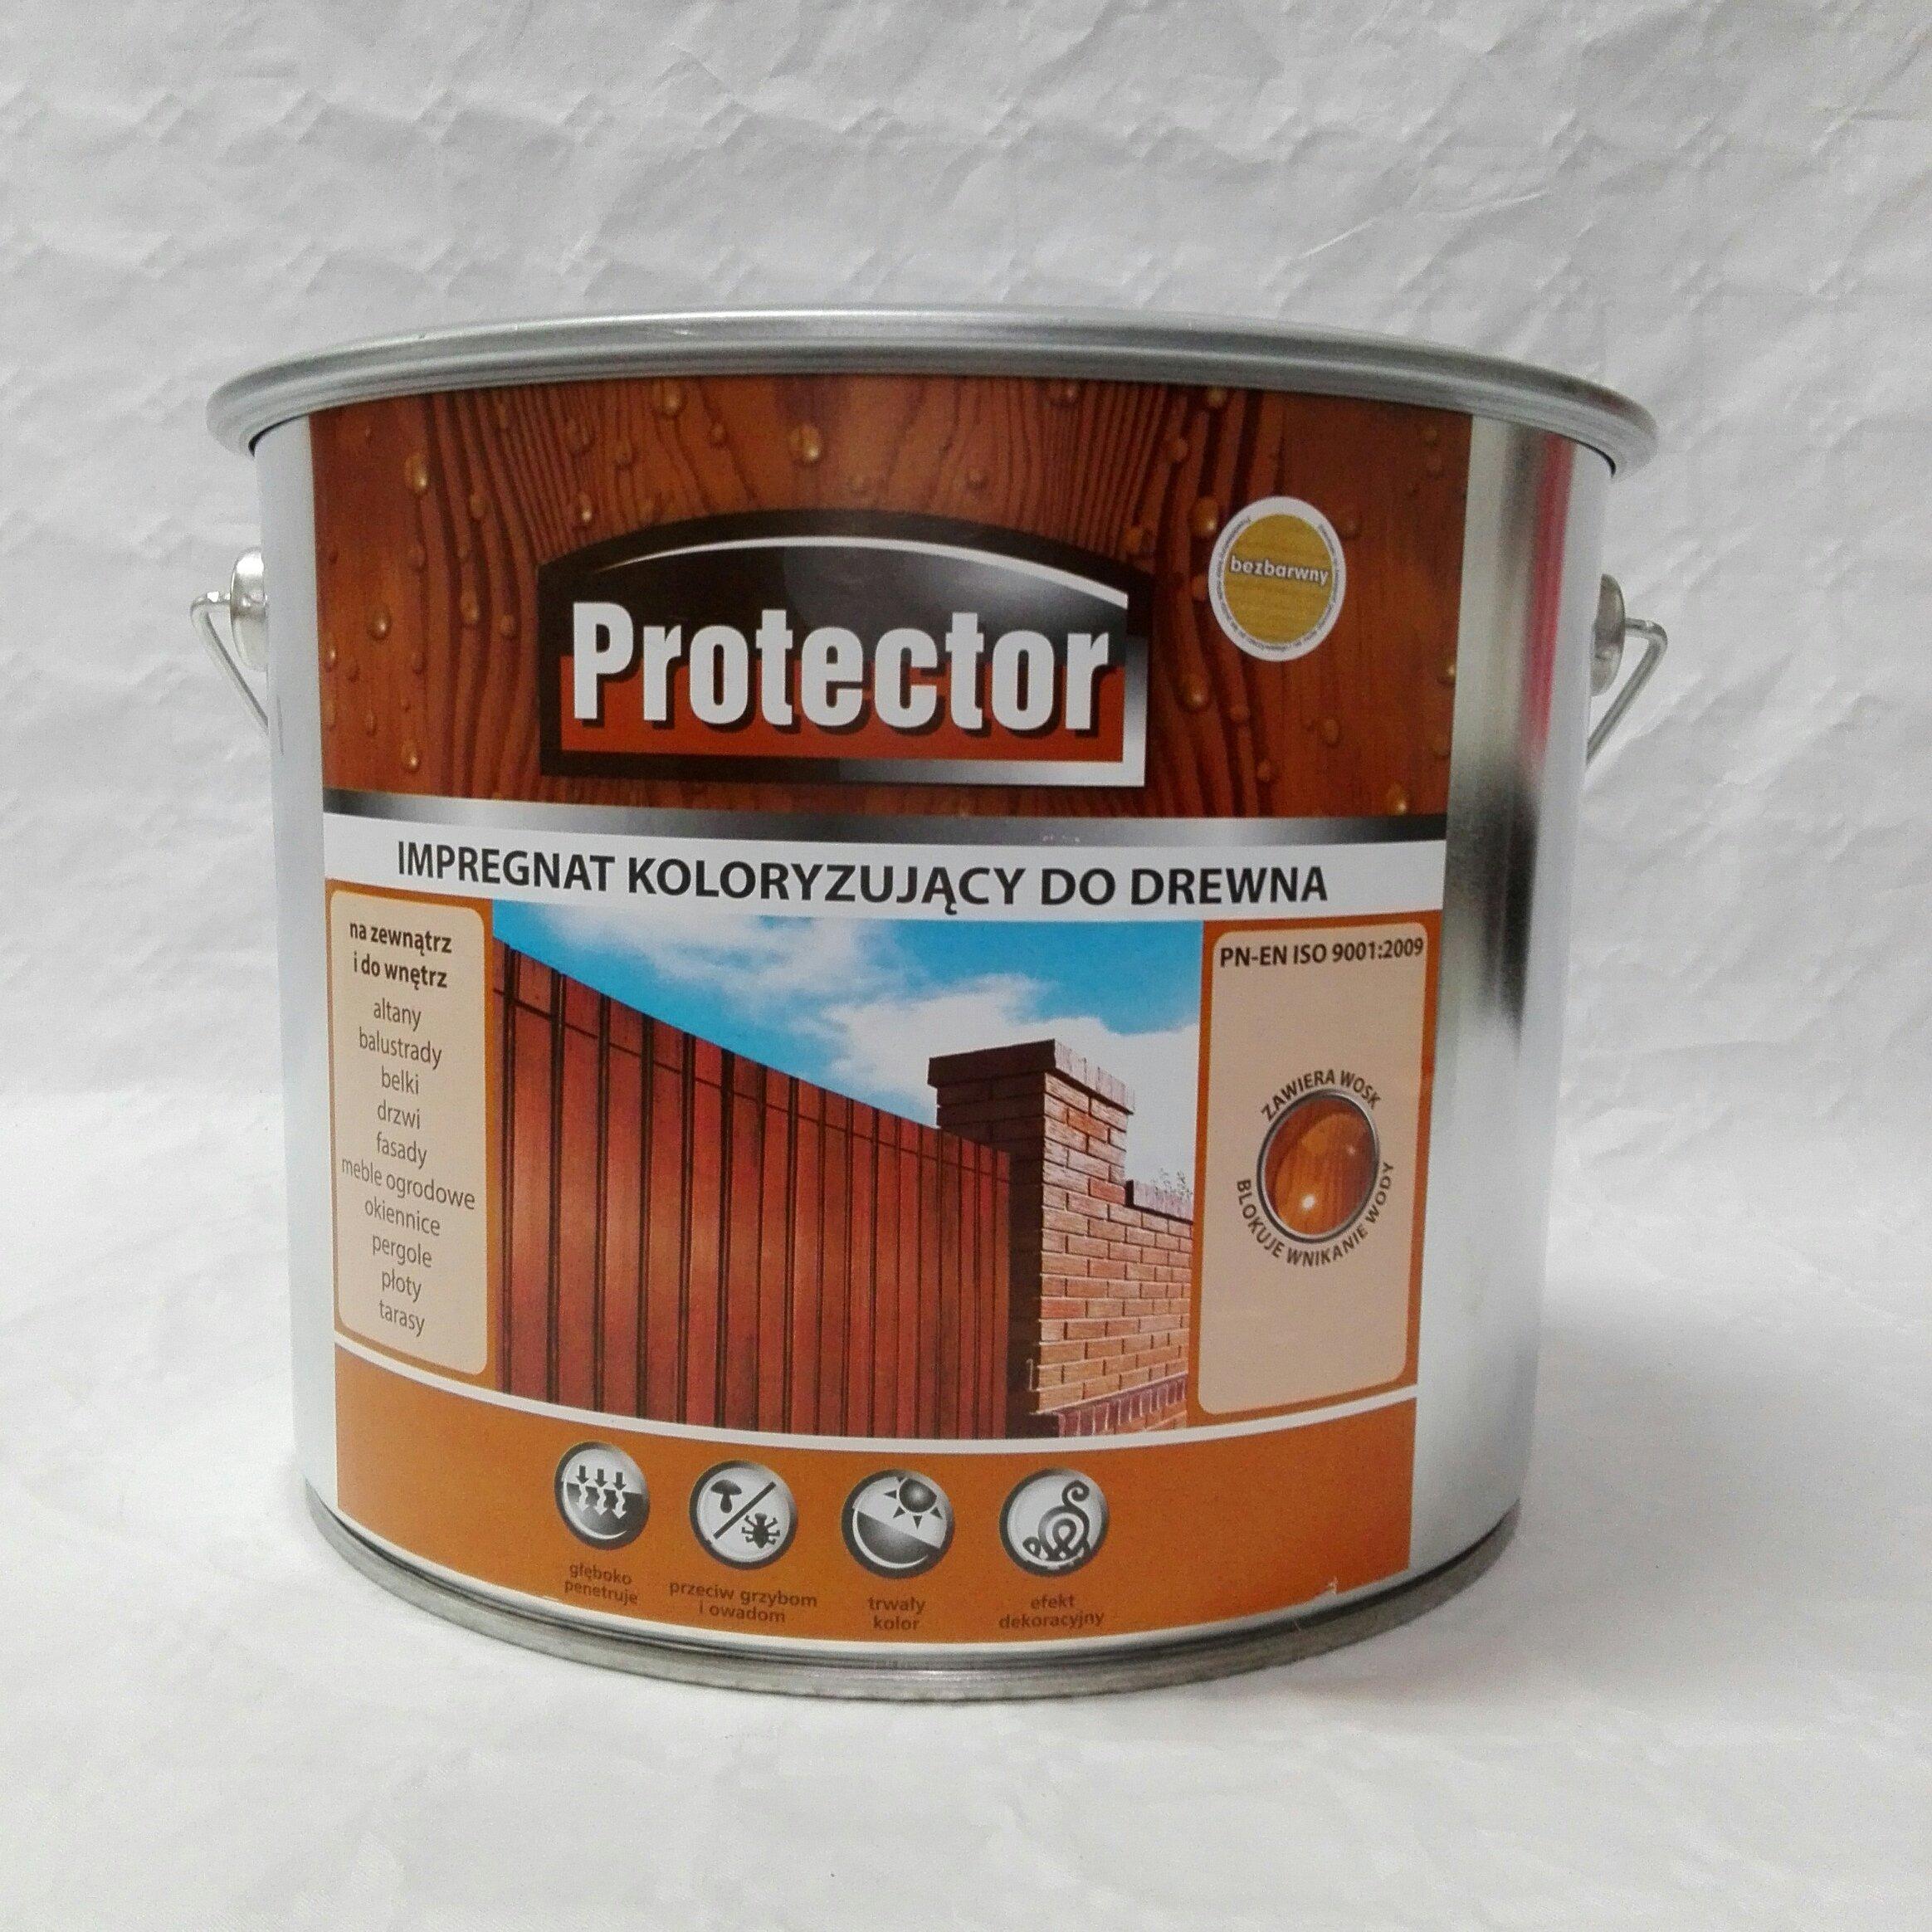 Protector Impregnat Koloryzujący Do Drewna 10 Ltr